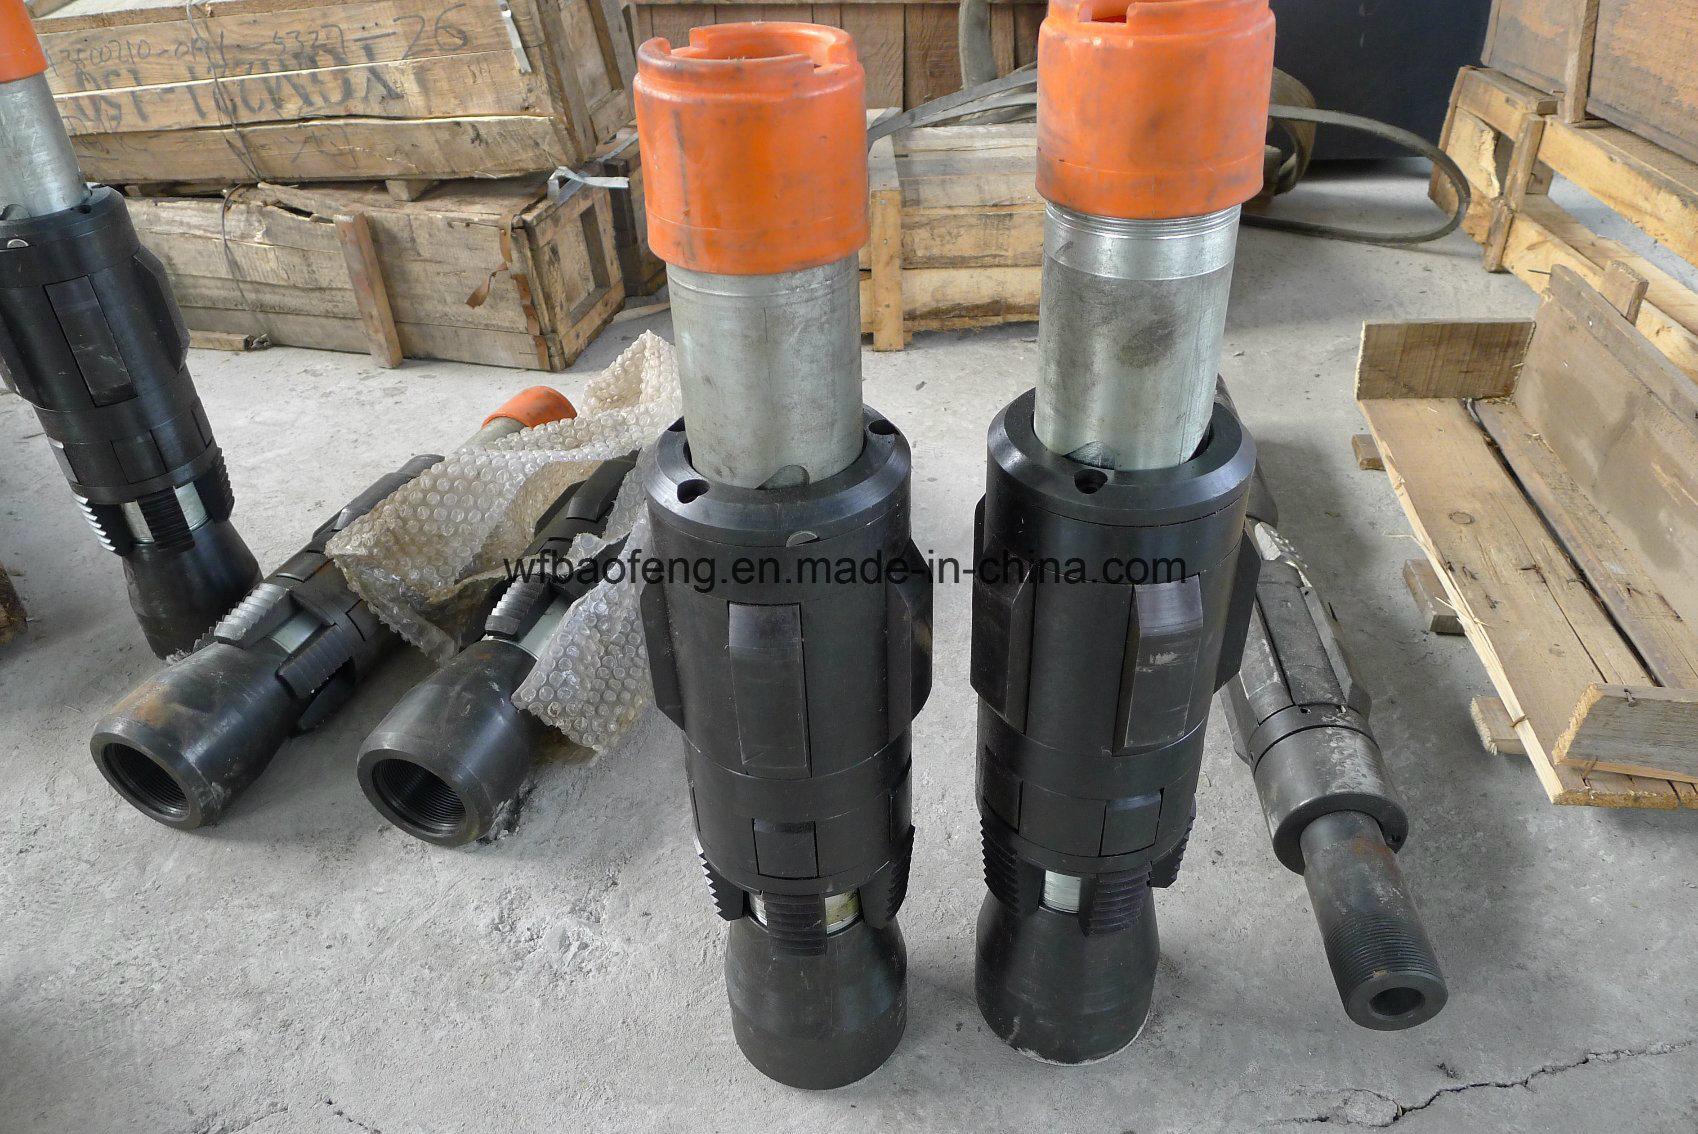 """7"""" Casing Coalbed Methane Screw Oil Pump Tubing Torque Anchor 5 3/4"""""""